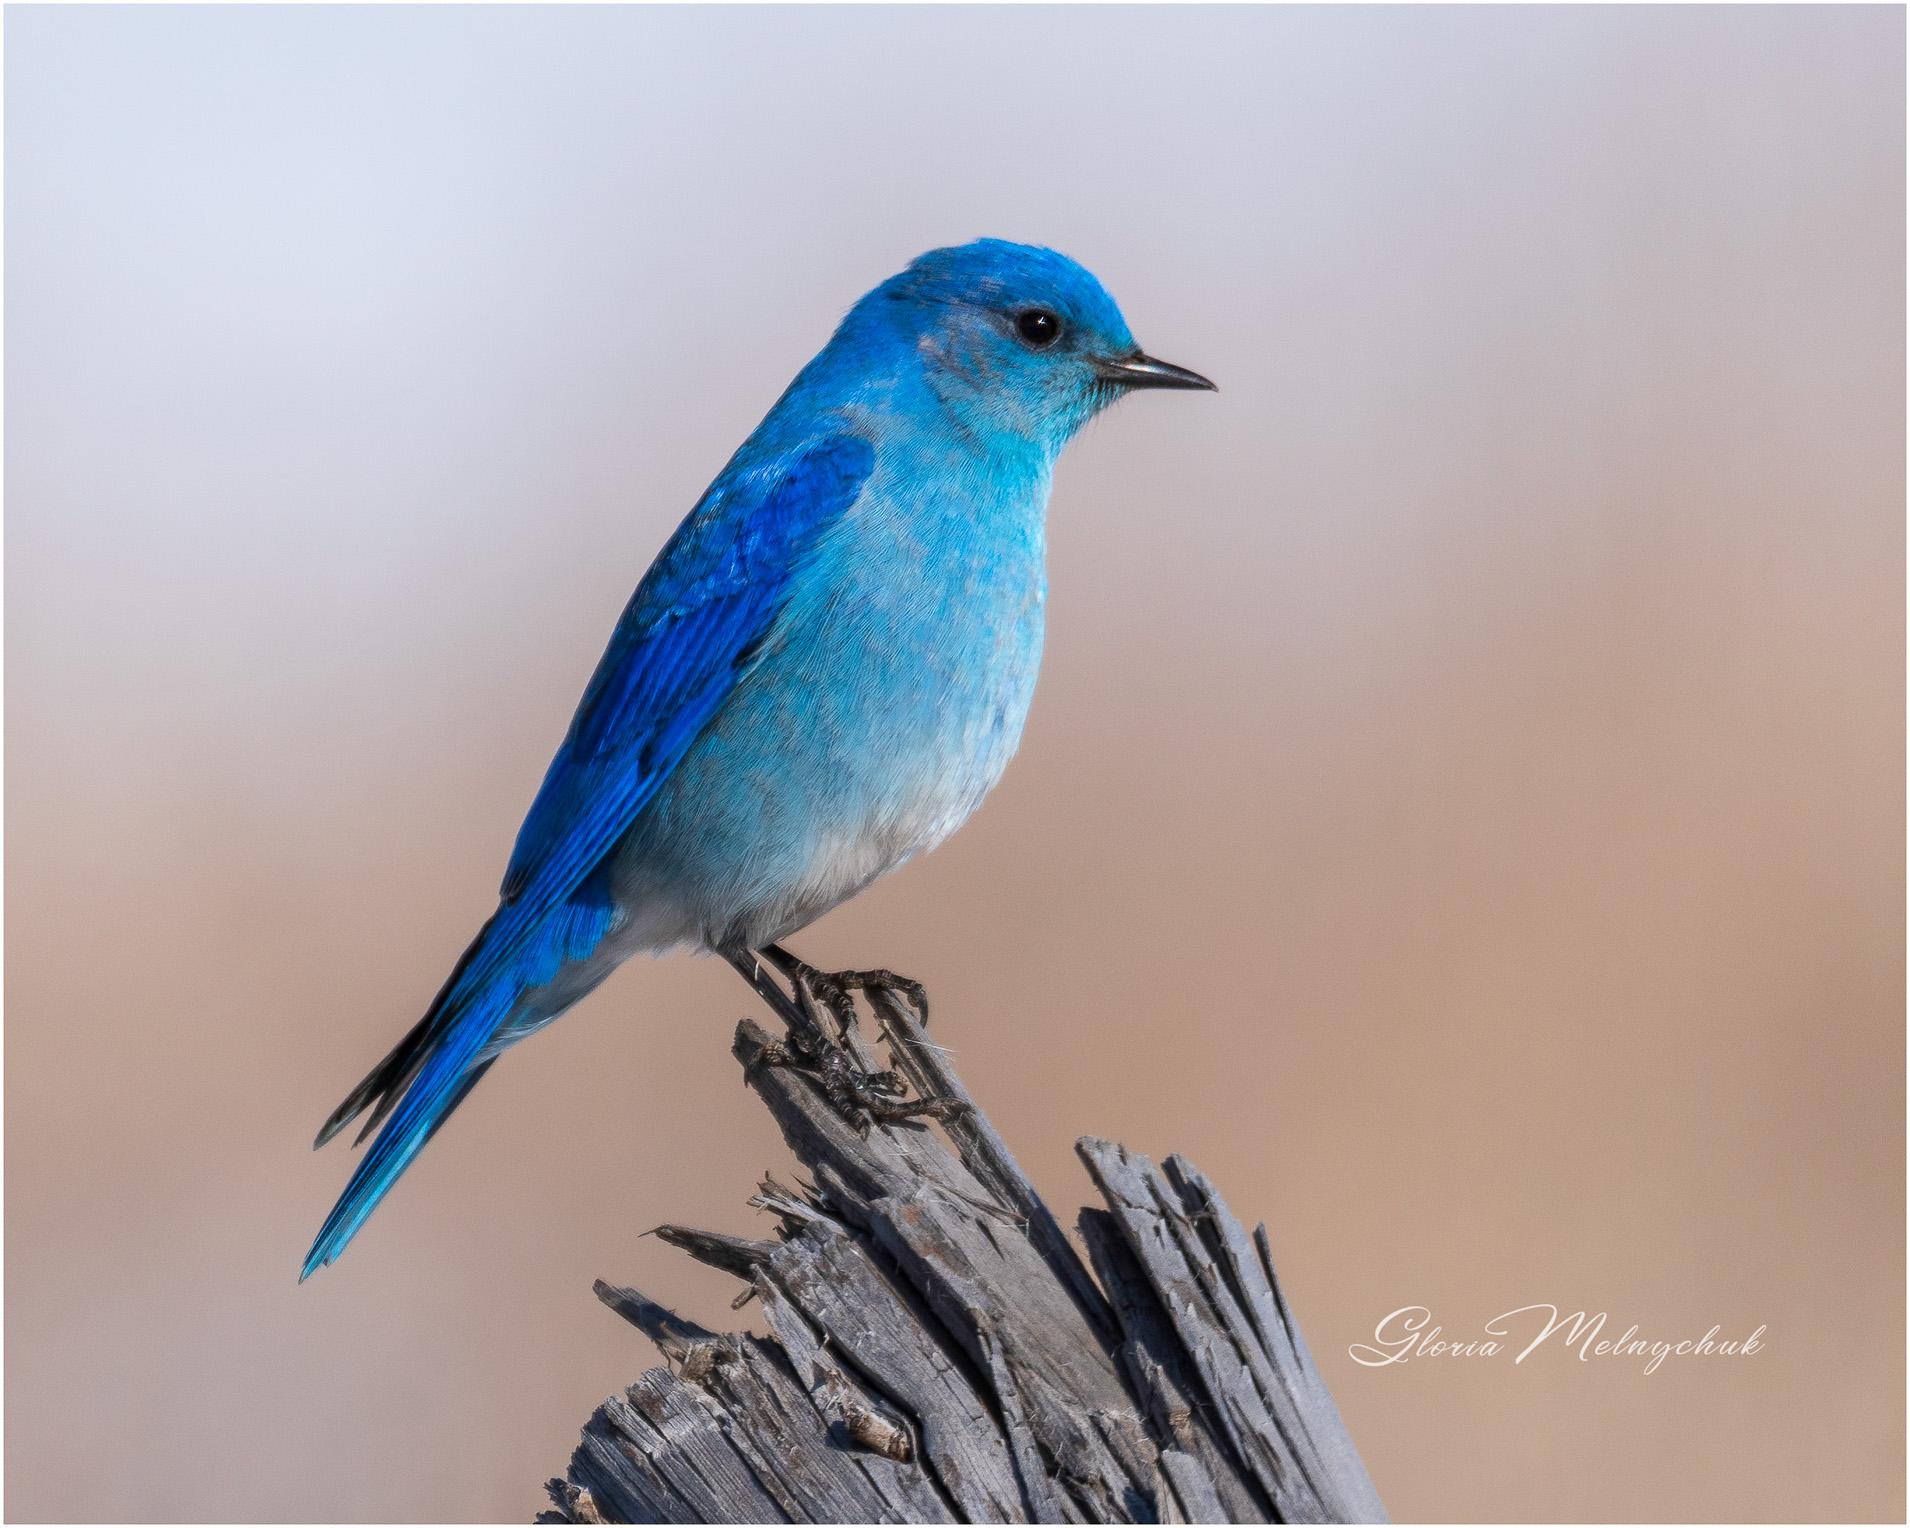 """'Bluebird on Your Windowsill"""" - Gloria Melnychuk"""